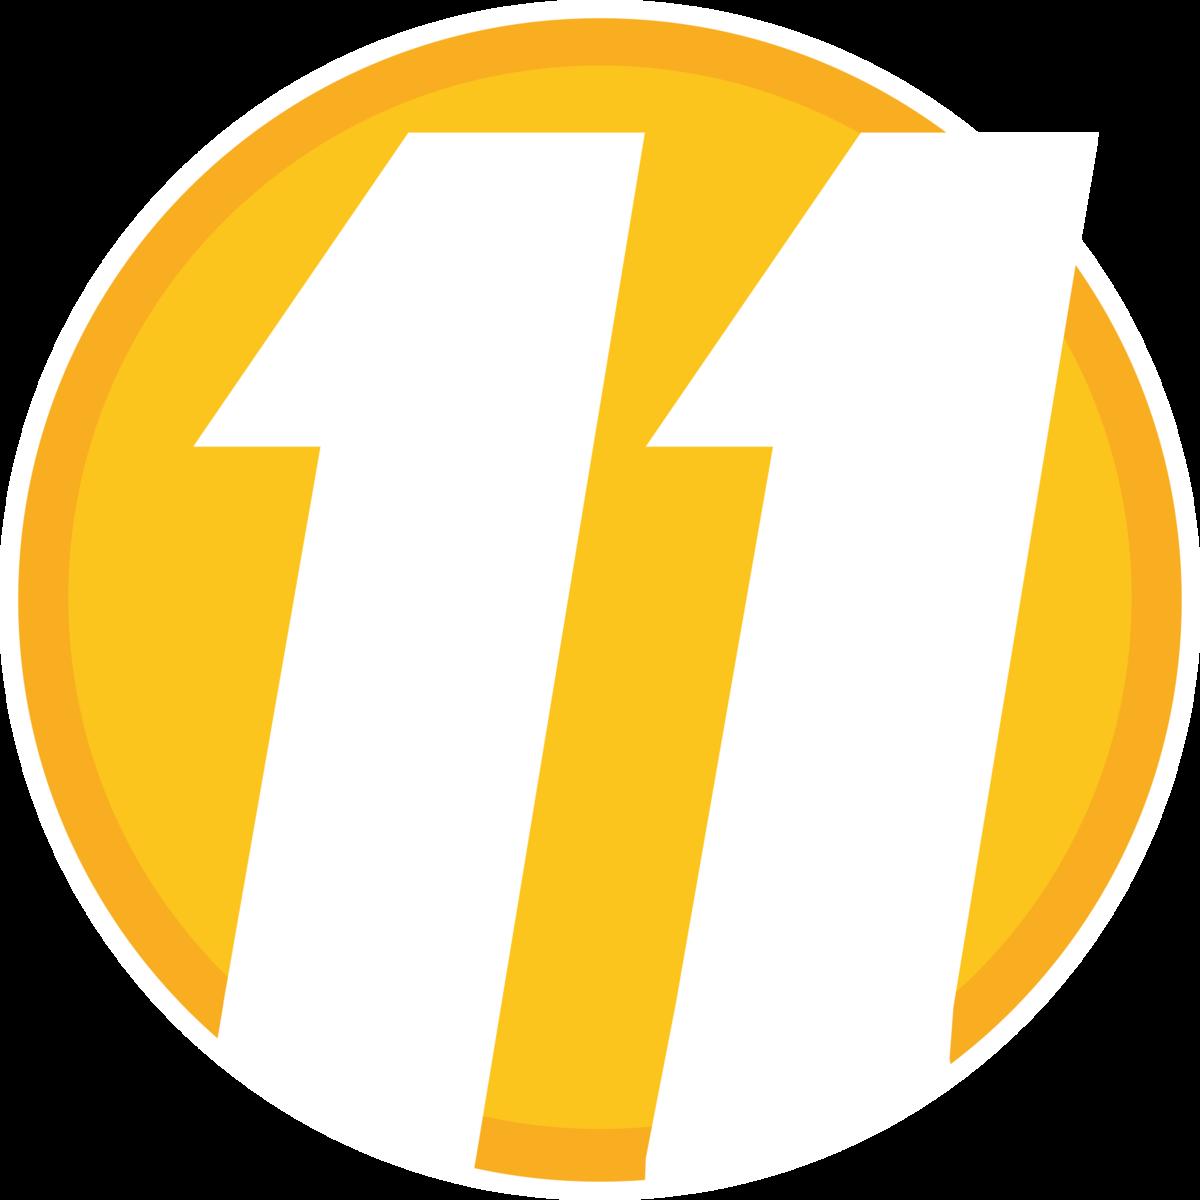 Canal 11 (Costa Rica) - Wikipedia, la enciclopedia libre